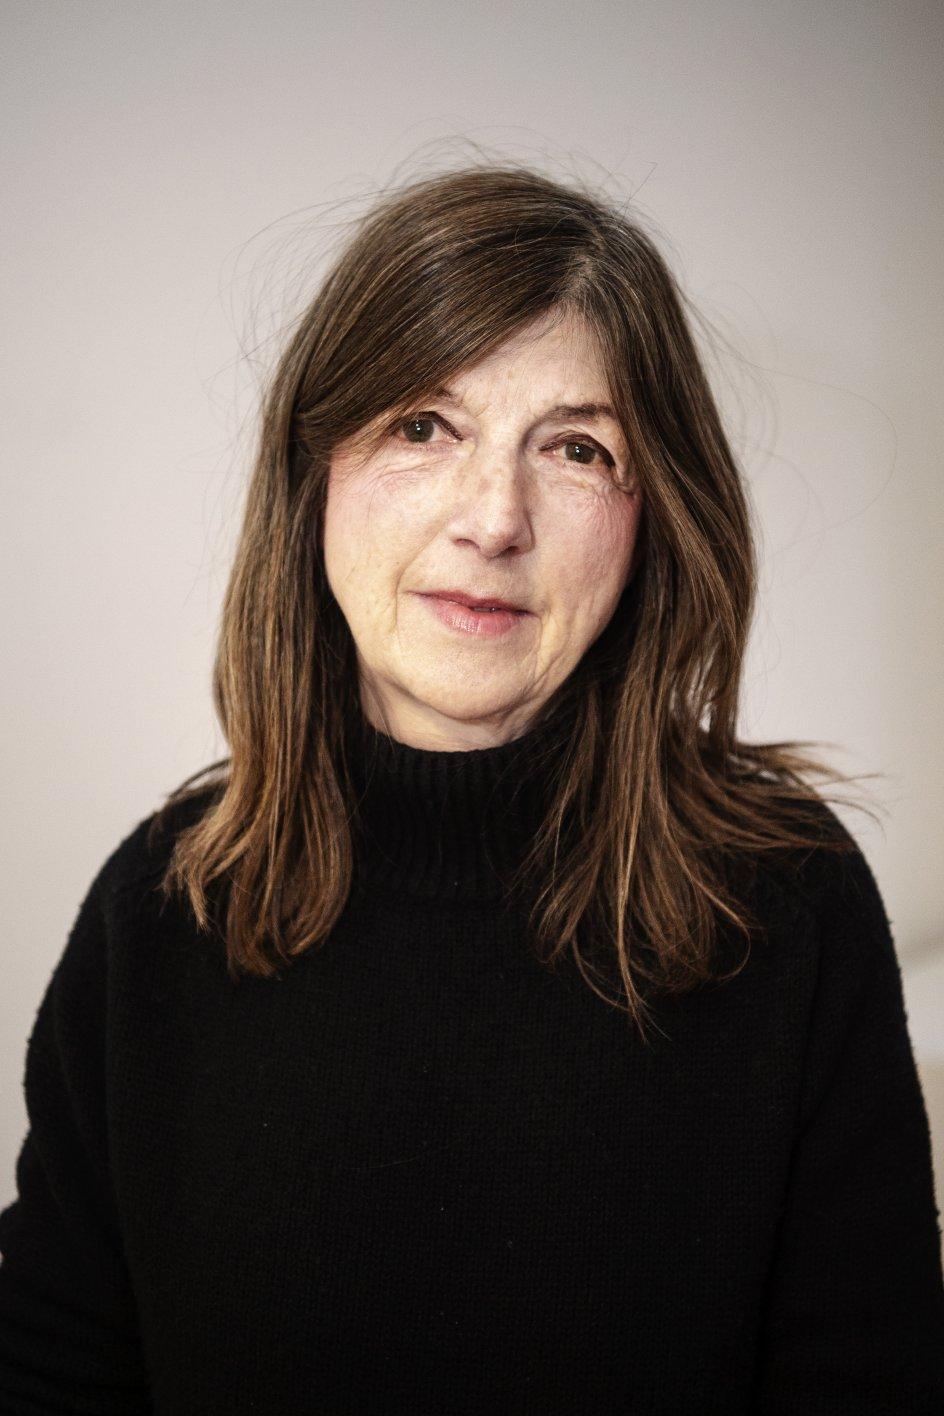 Det Etiske Kompas, Program 6. Live fra Kristeligt Dagblads kantine. Voxpop:Jane Bækgaard, 68 år og bor på Vesterbro i København.